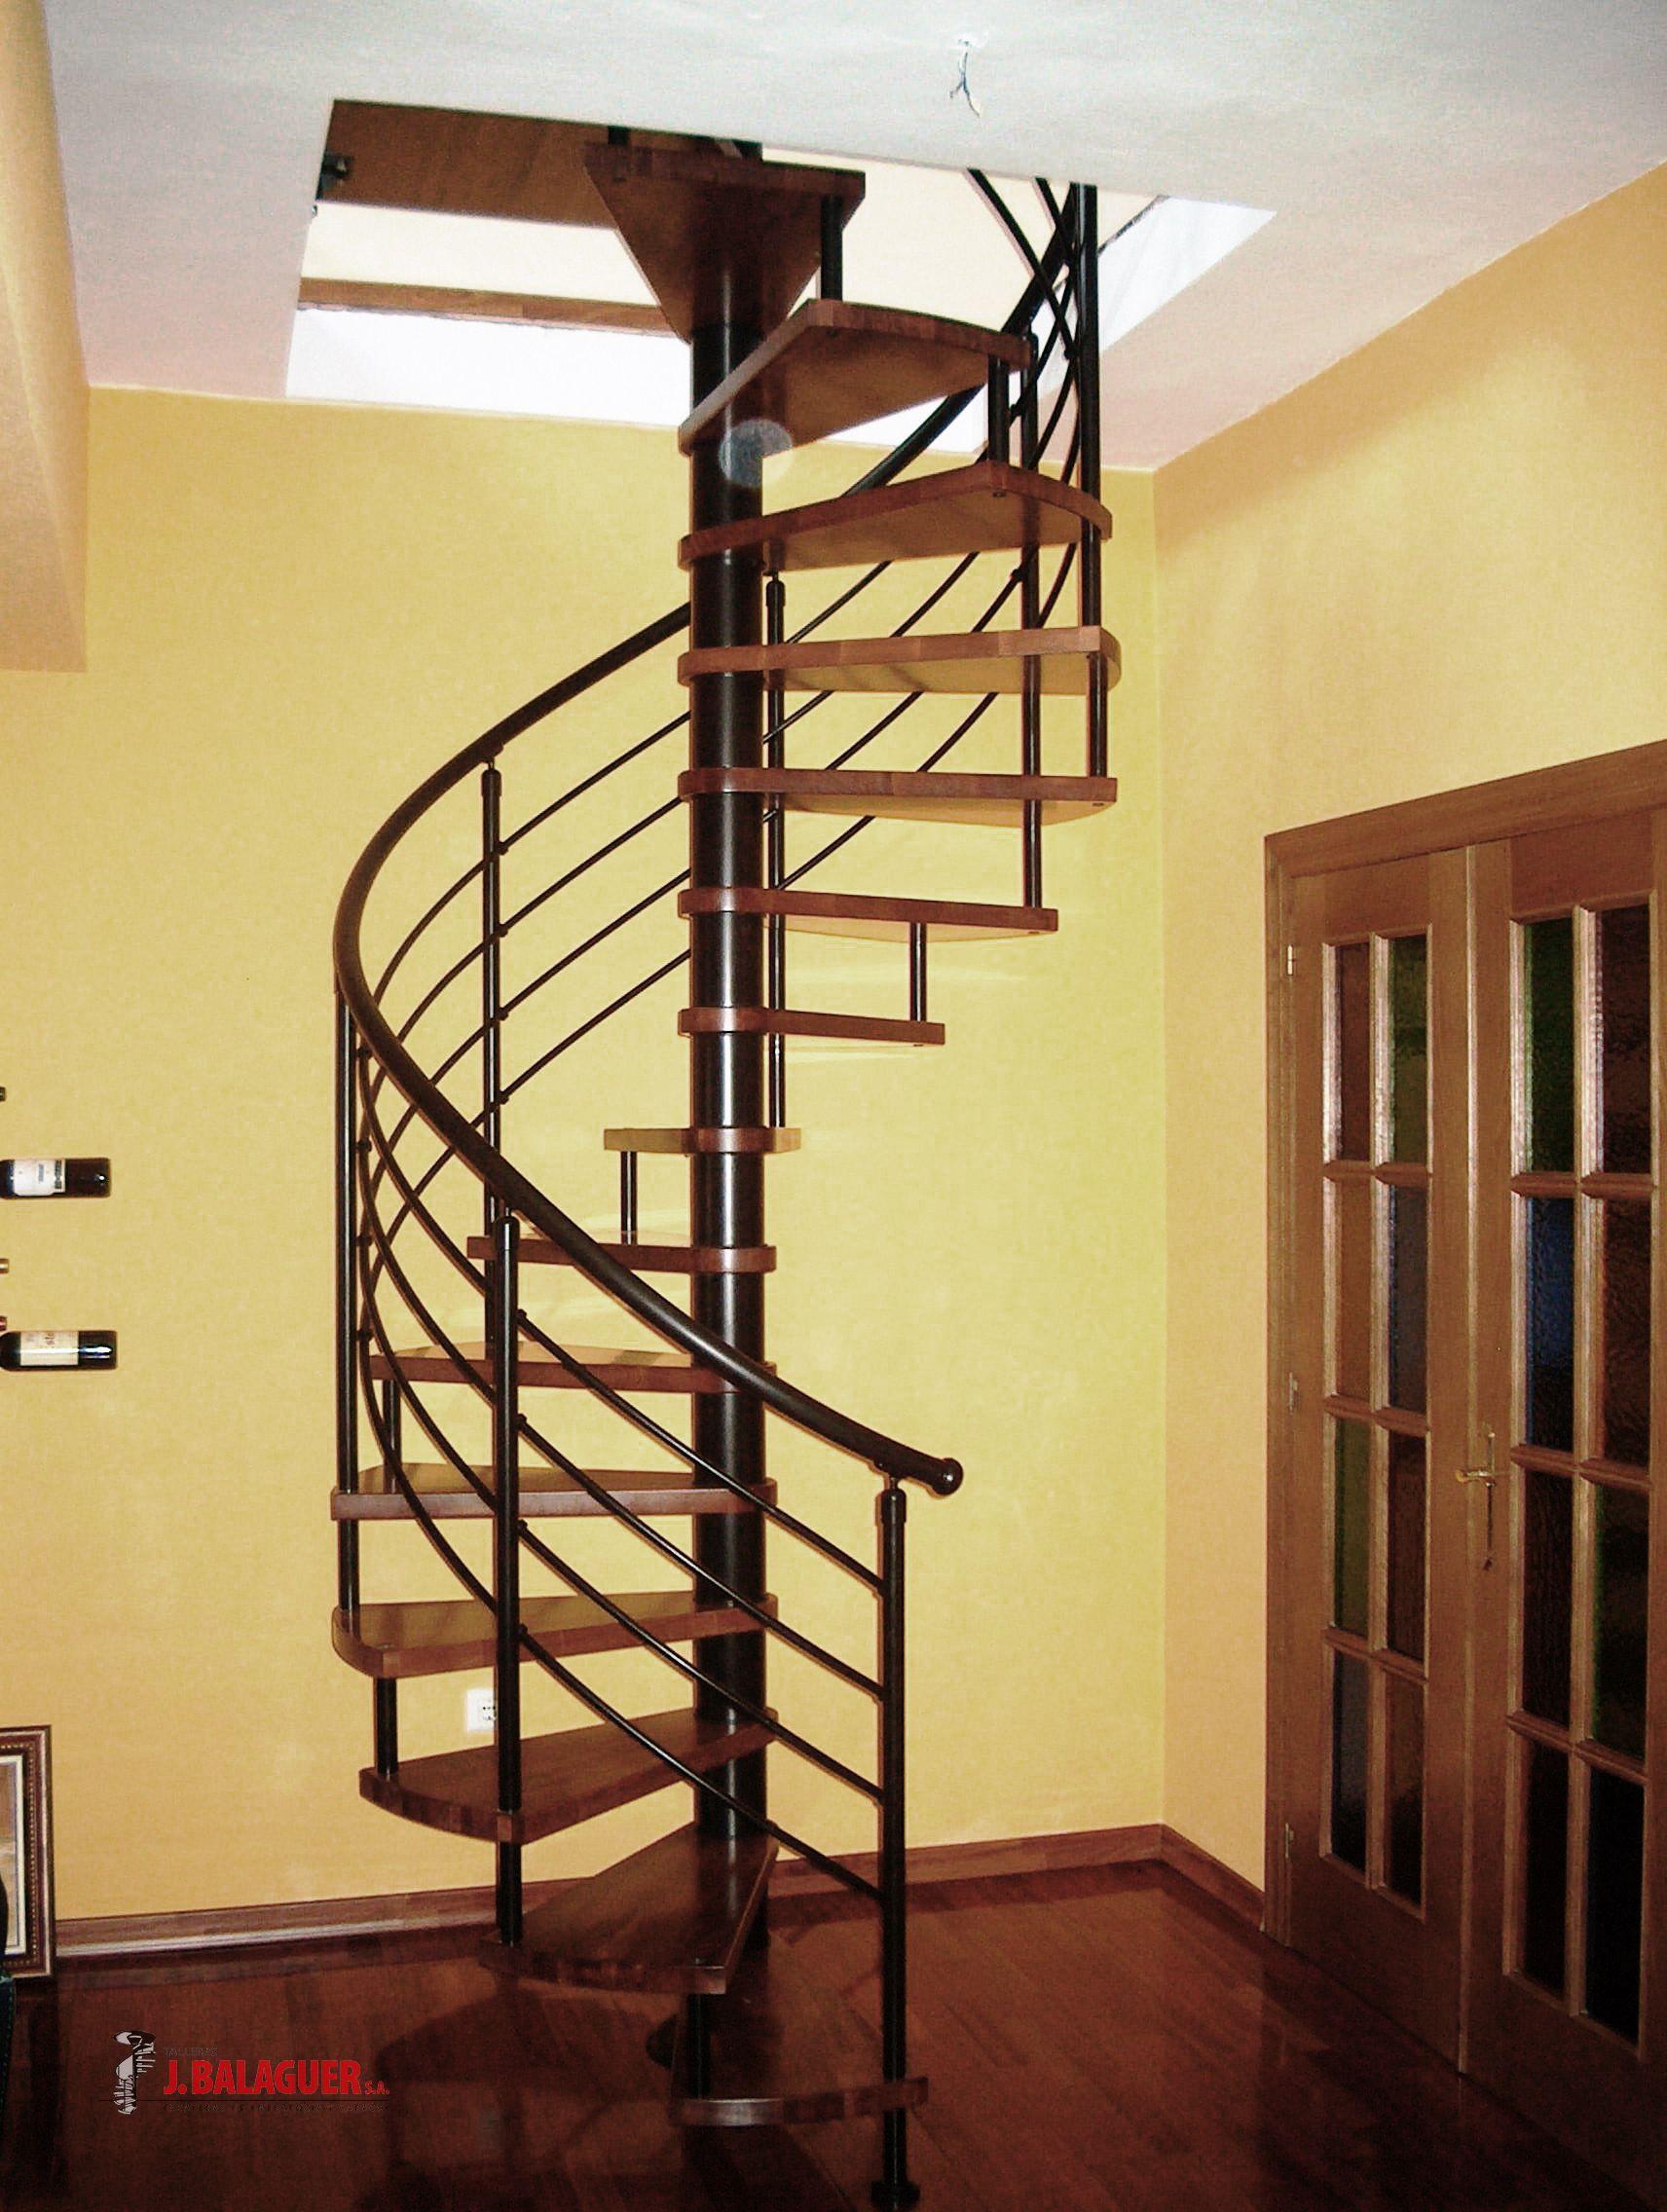 Modelo m6 escaleras balaguer - Modelos de escaleras ...